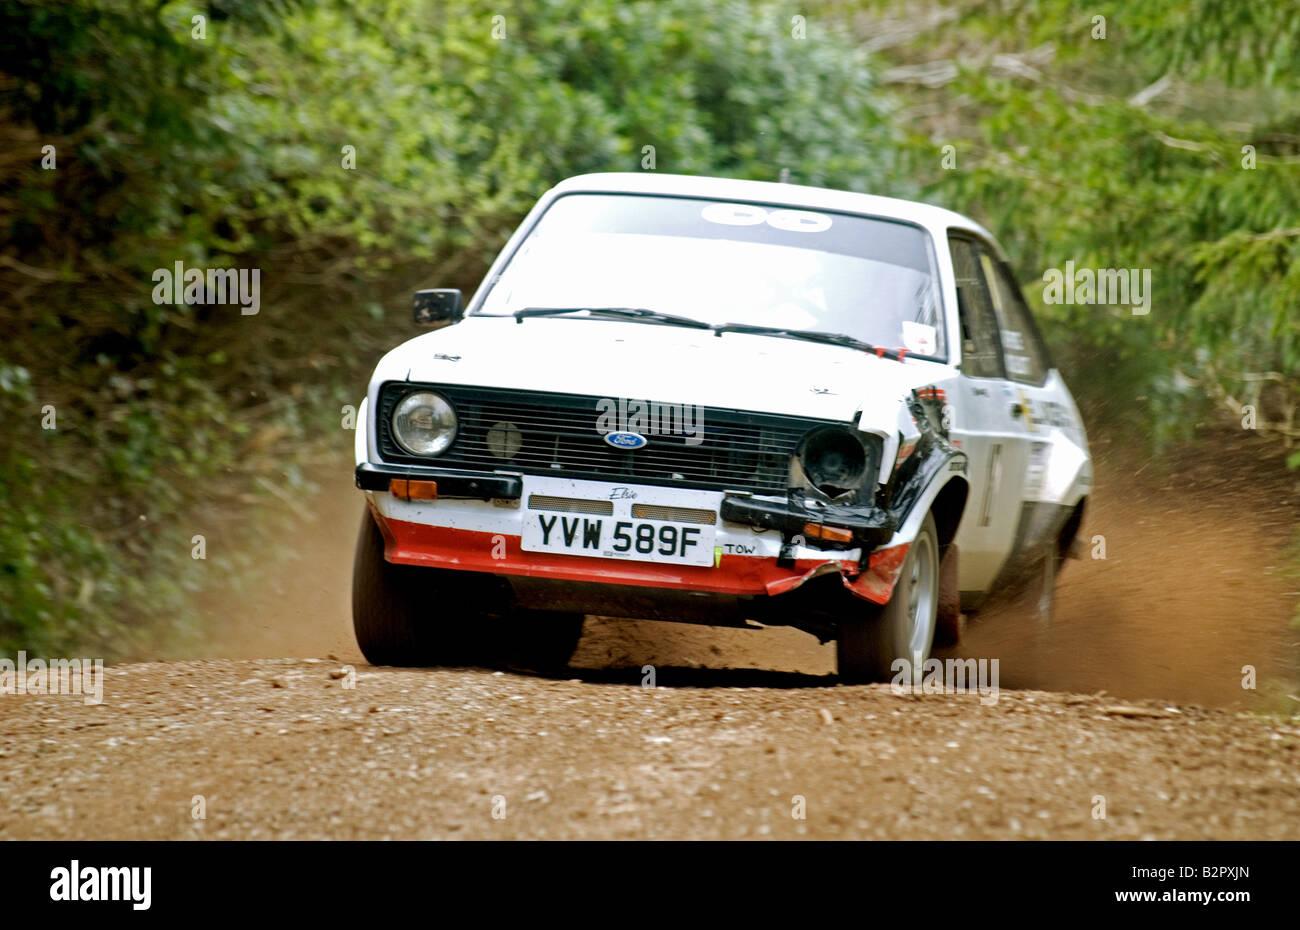 Escort Mk2 Rally Car Stock Photos & Escort Mk2 Rally Car Stock ...